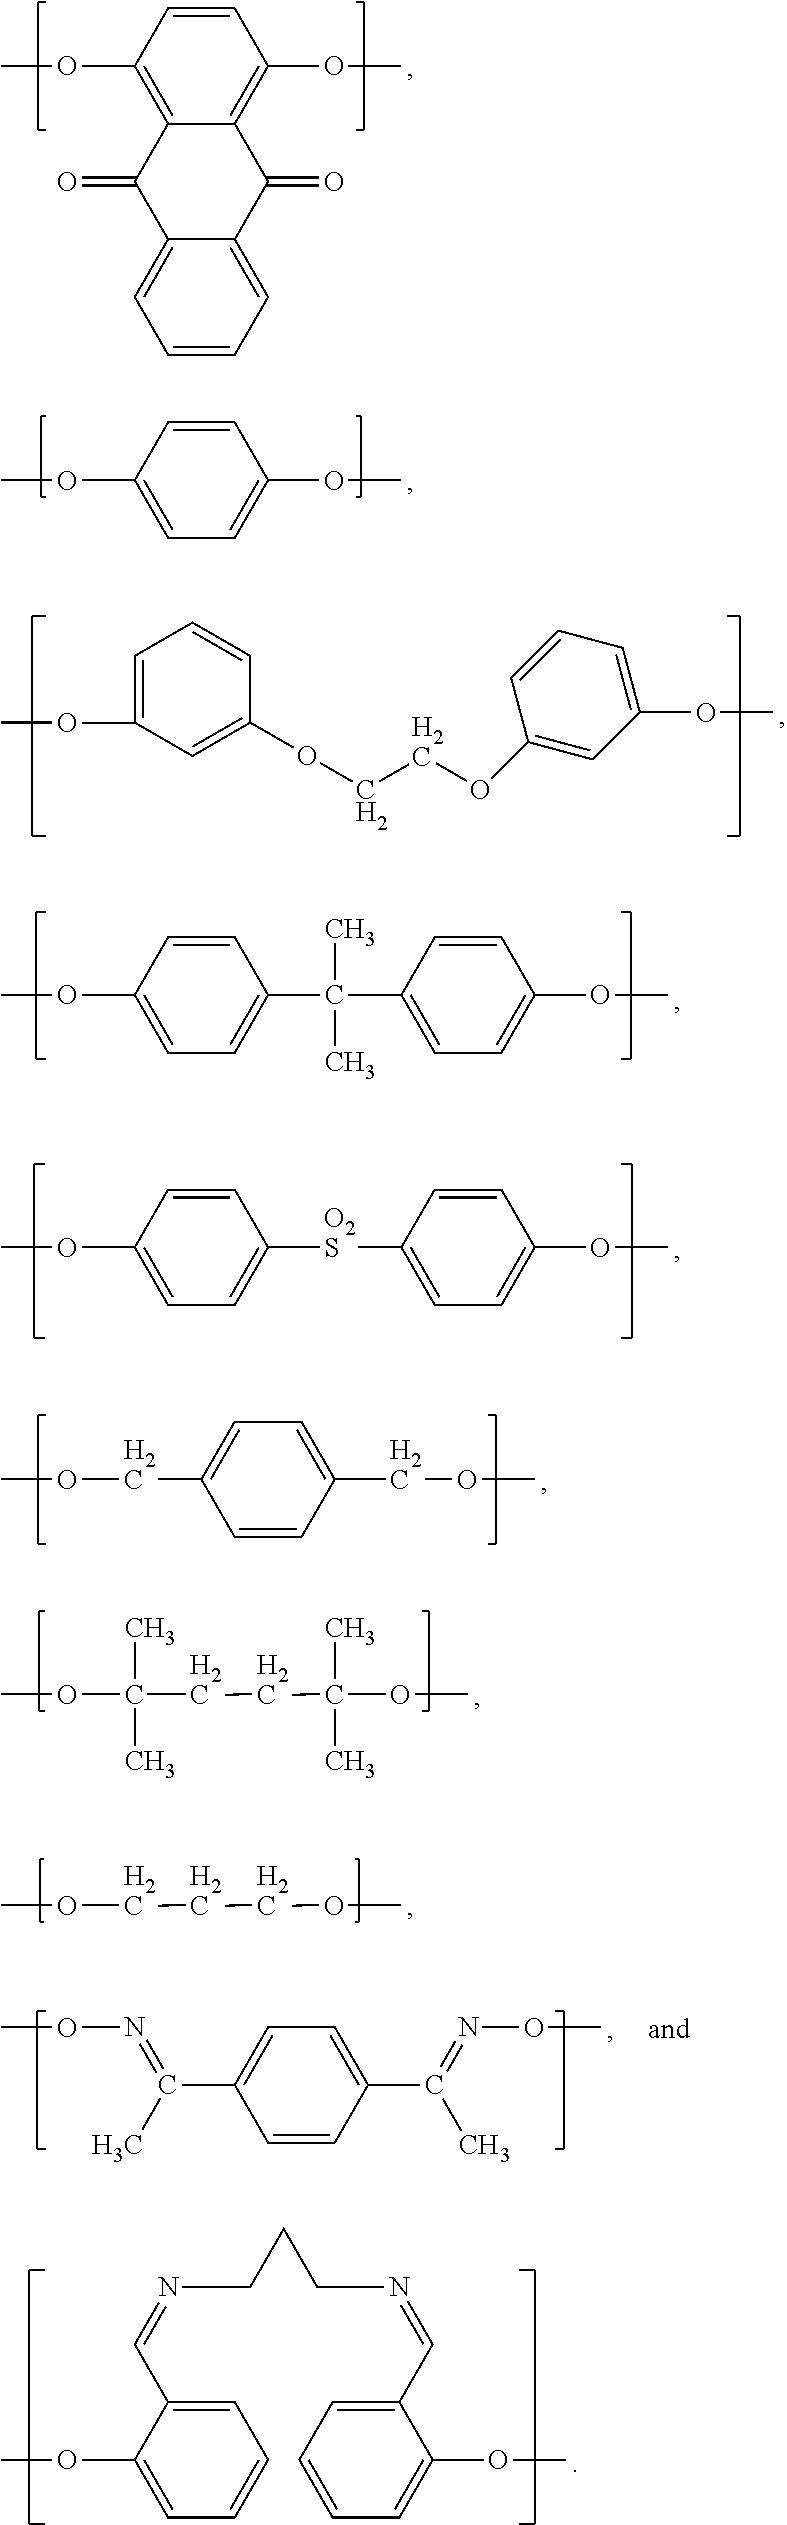 Figure US07914974-20110329-C00008